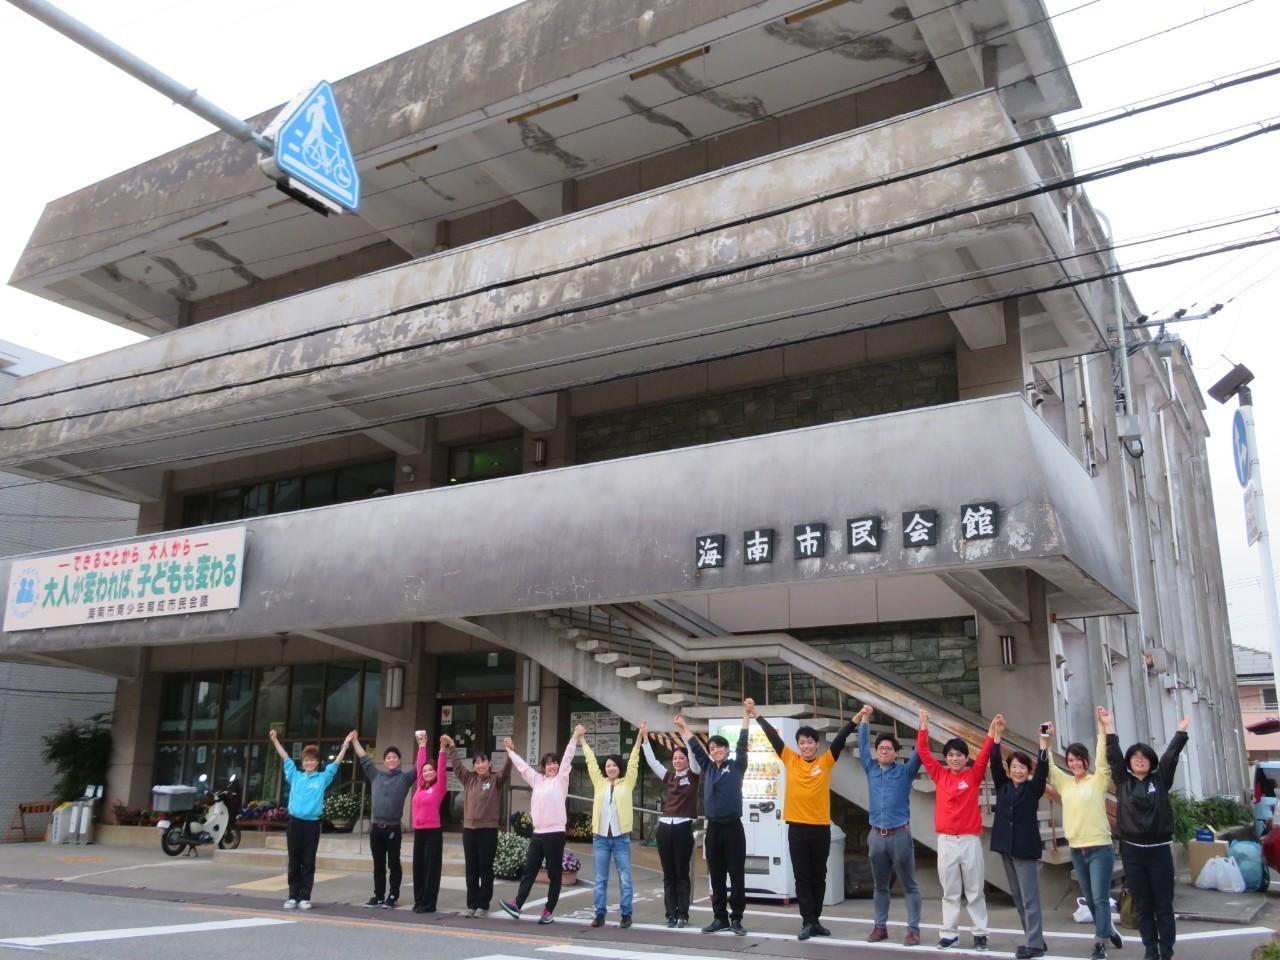 劇団KCM十周年、海南市民会館閉館。感謝をこめて記念コンサート。_b0326483_22170178.jpg